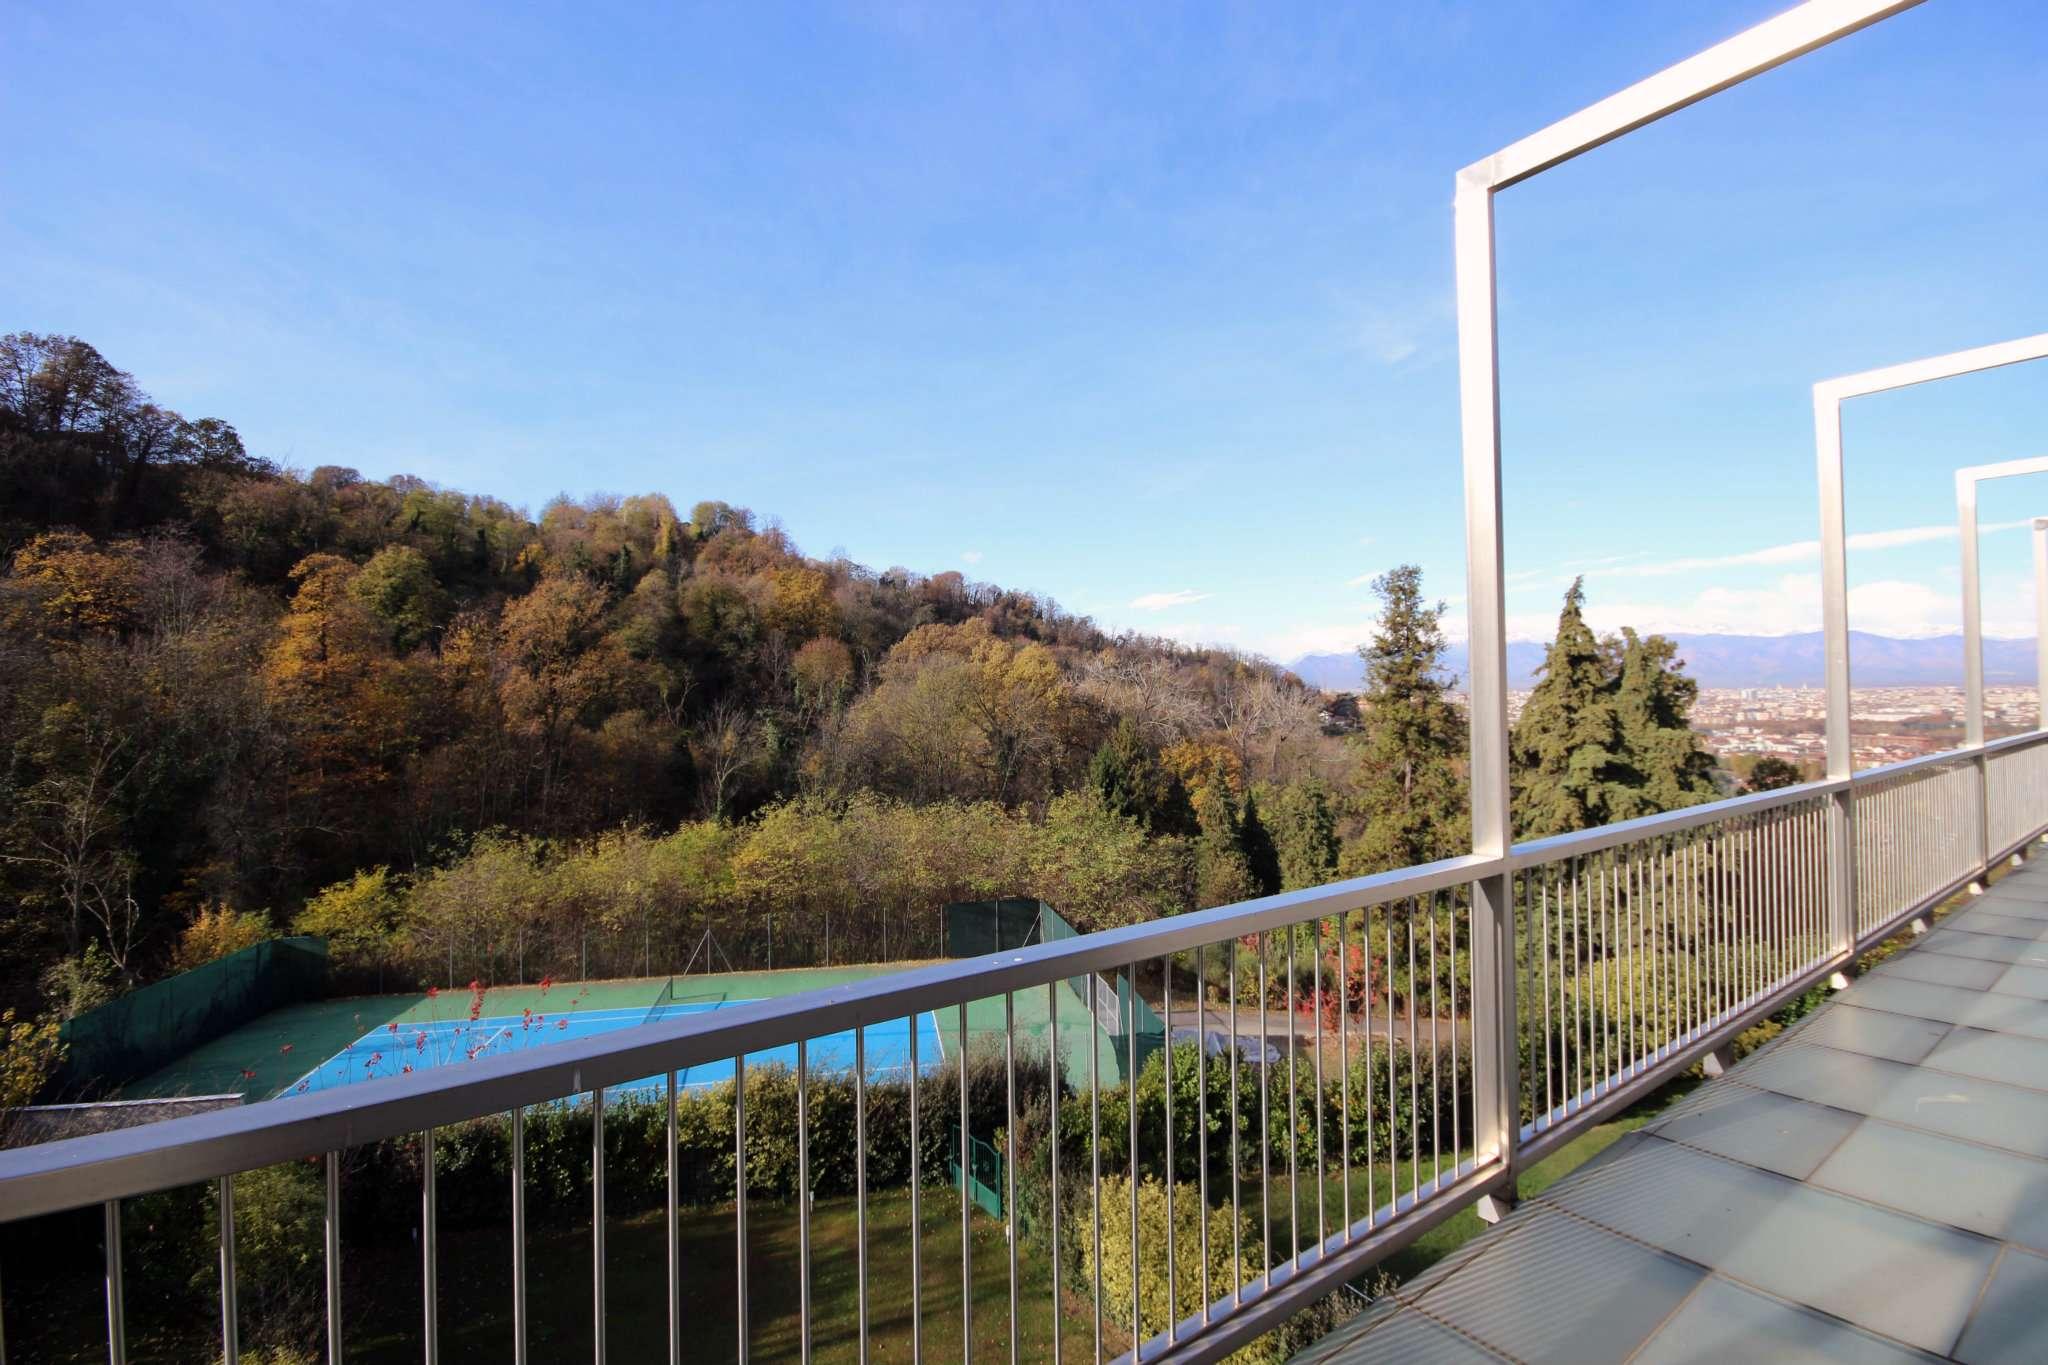 Appartamento in vendita Zona Precollina, Collina - strada Valpiana Torino